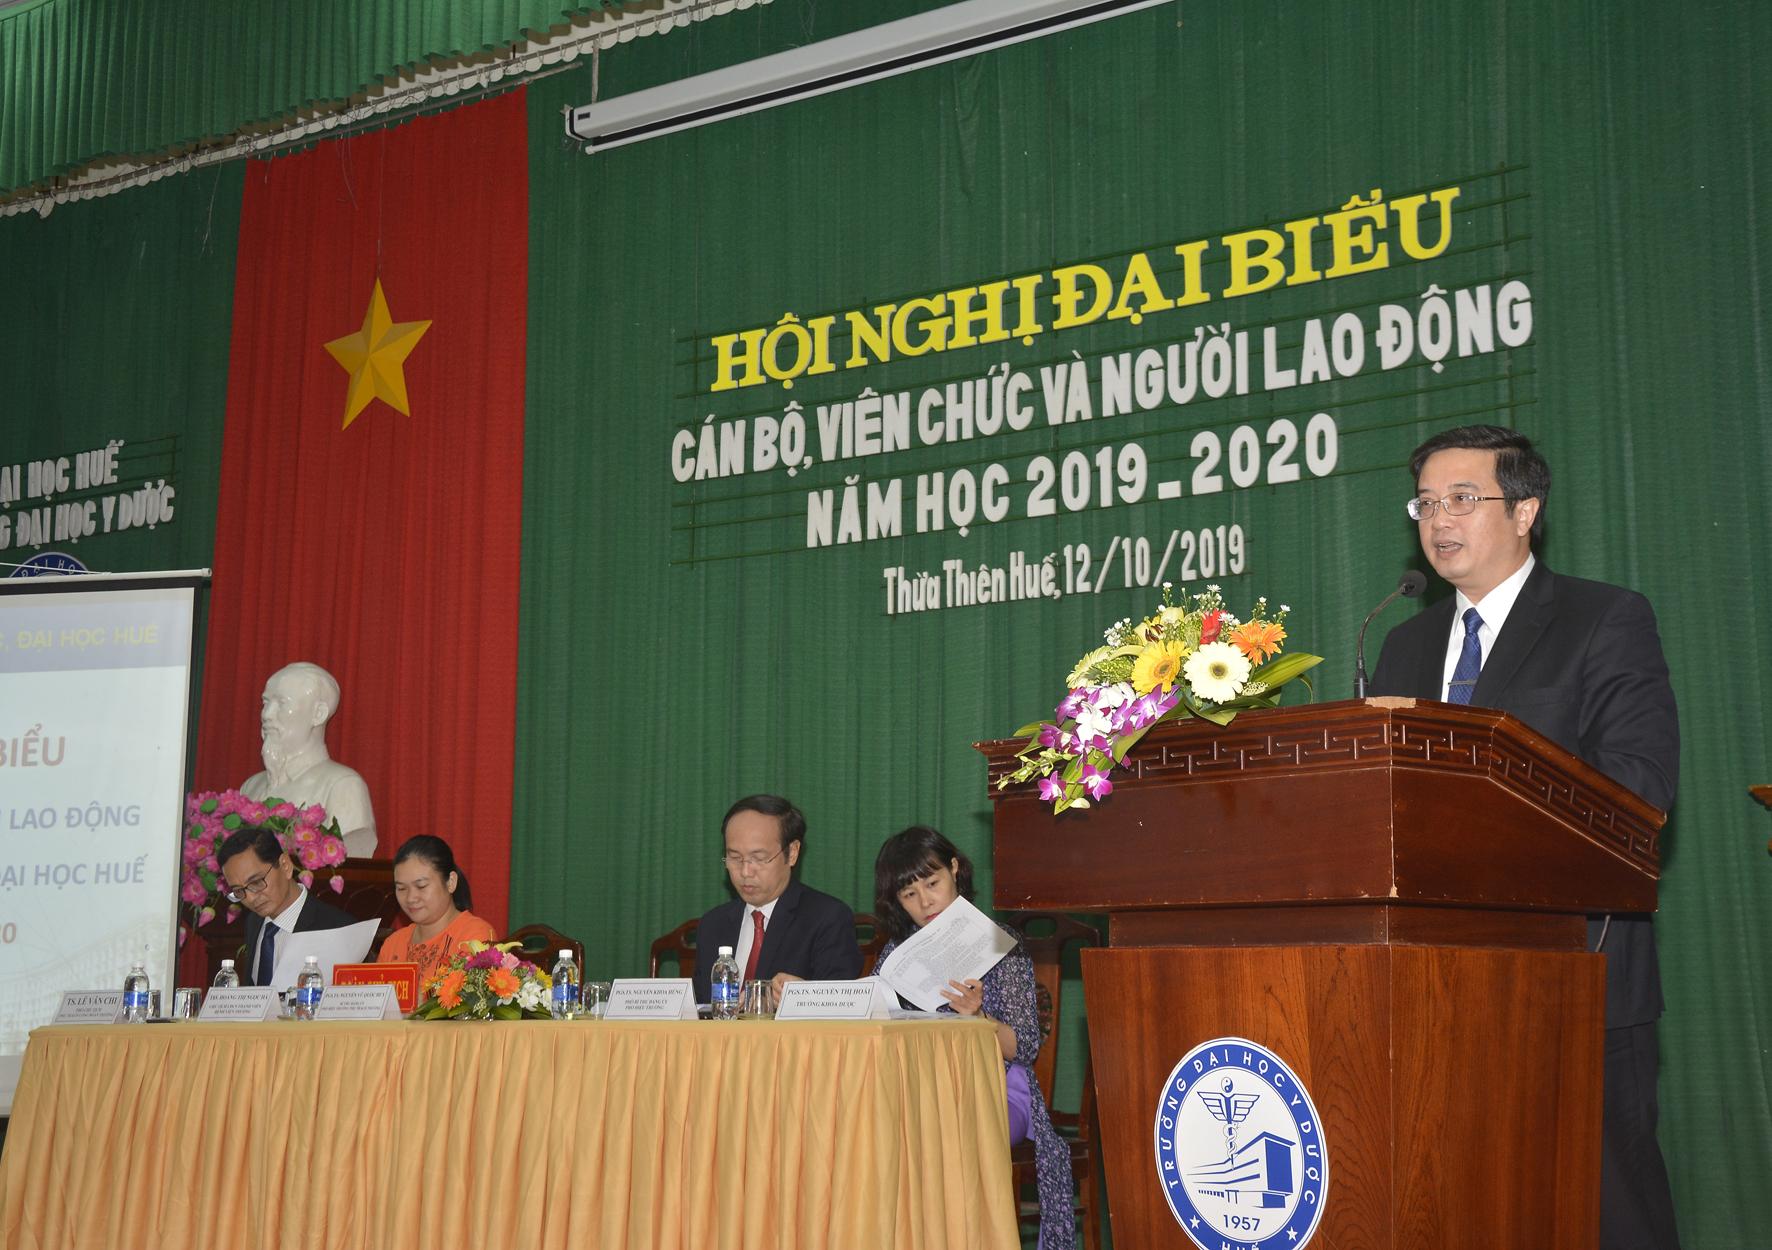 Hội nghị đại biểu cán bộ, viên chức, người lao động Trường Đại học Y Dược Huế năm học 2019-2020